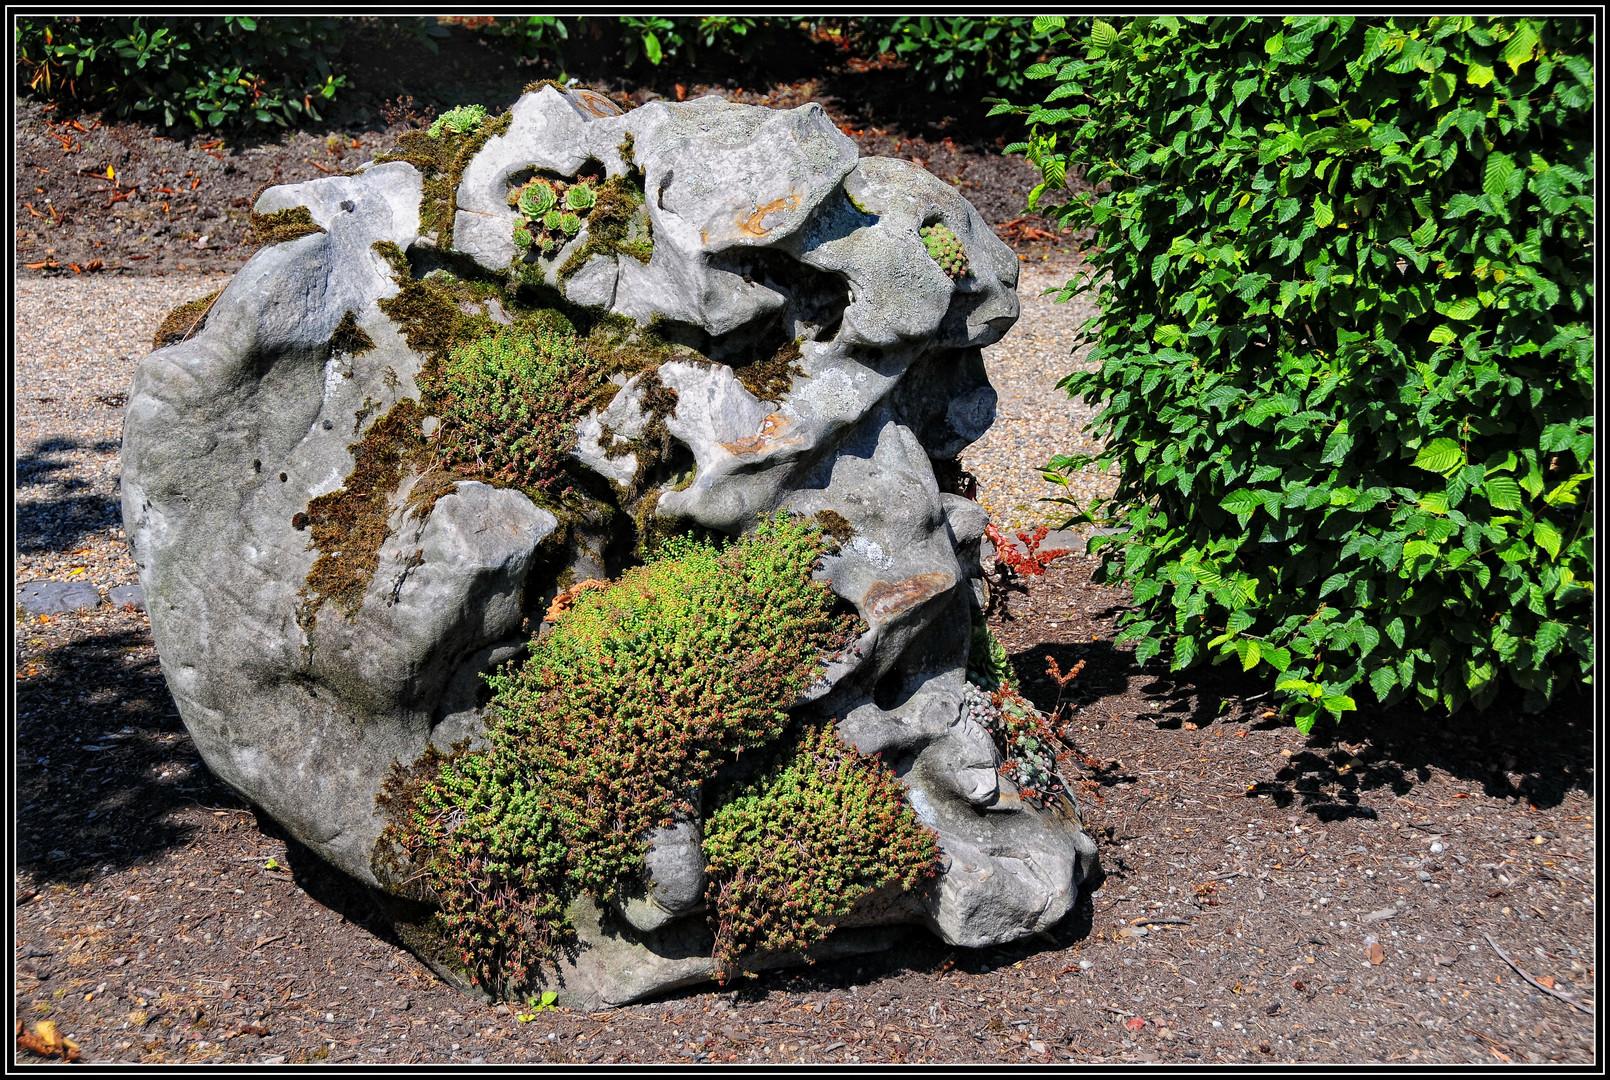 Stein-Garten Foto & Bild   natur, pflanzen, steine Bilder auf ...